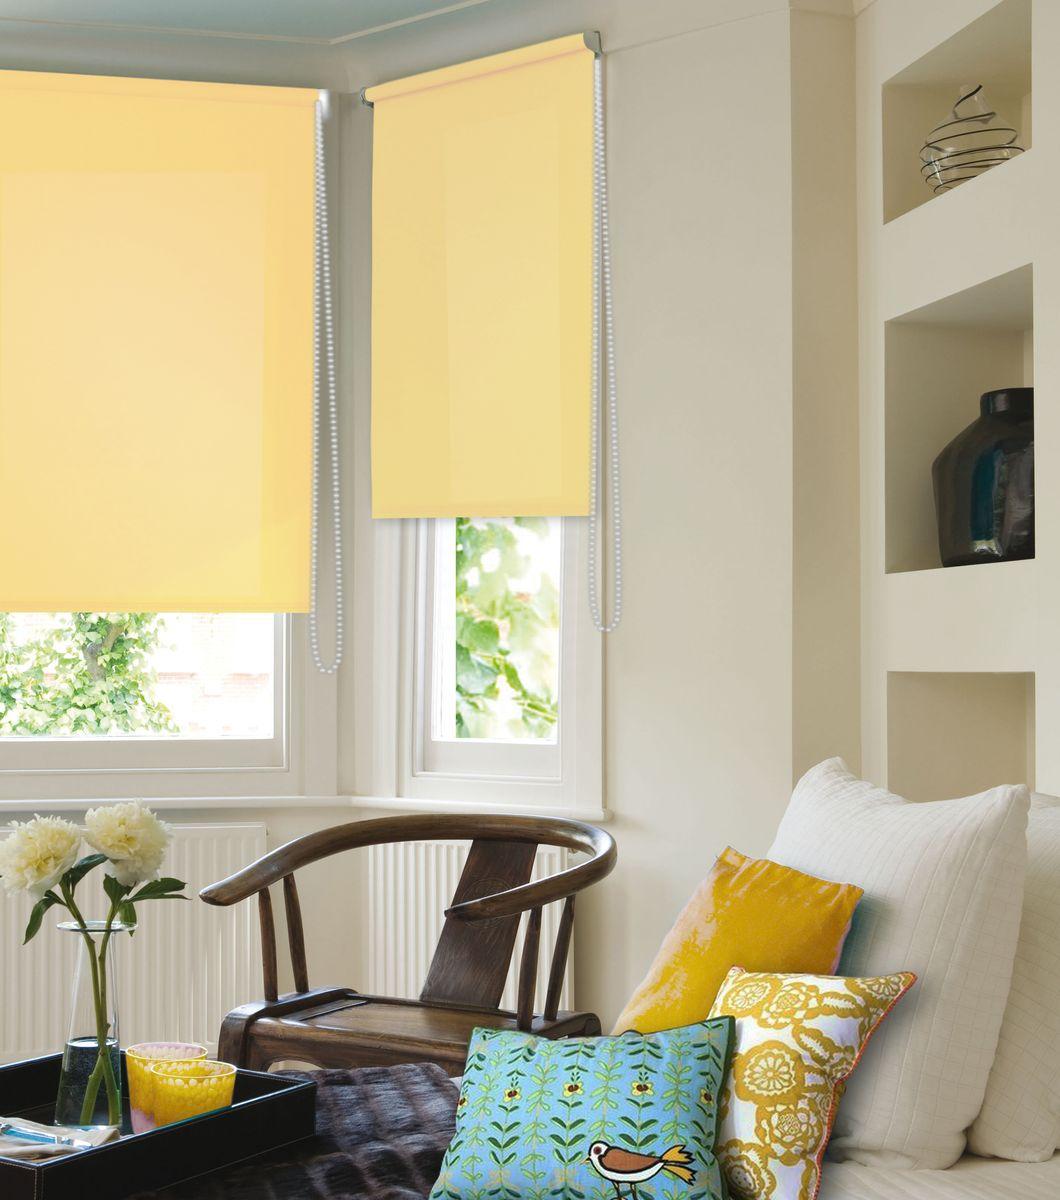 Штора рулонная Эскар Ролло, цвет: желтый, ширина 120 см, высота 170 см81103120170Рулонными шторами можно оформлять окна как самостоятельно, так и использовать в комбинации с портьерами. Это поможет предотвратить выгорание дорогой ткани на солнце и соединит функционал рулонных с красотой навесных. Преимущества применения рулонных штор для пластиковых окон: - имеют прекрасный внешний вид: многообразие и фактурность материала изделия отлично смотрятся в любом интерьере;- многофункциональны: есть возможность подобрать шторы способные эффективно защитить комнату от солнца, при этом она не будет слишком темной. - Есть возможность осуществить быстрый монтаж.ВНИМАНИЕ! Размеры ширины изделия указаны по ширине ткани! Во время эксплуатации не рекомендуется полностью разматывать рулон, чтобы не оторвать ткань от намоточного вала. В случае загрязнения поверхности ткани, чистку шторы проводят одним из способов, в зависимости от типа загрязнения:легкое поверхностное загрязнение можно удалить при помощи канцелярского ластика;чистка от пыли производится сухим методом при помощи пылесоса с мягкой щеткой-насадкой;для удаления пятна используйте мягкую губку с пенообразующим неагрессивным моющим средством или пятновыводитель на натуральной основе (нельзя применять растворители).